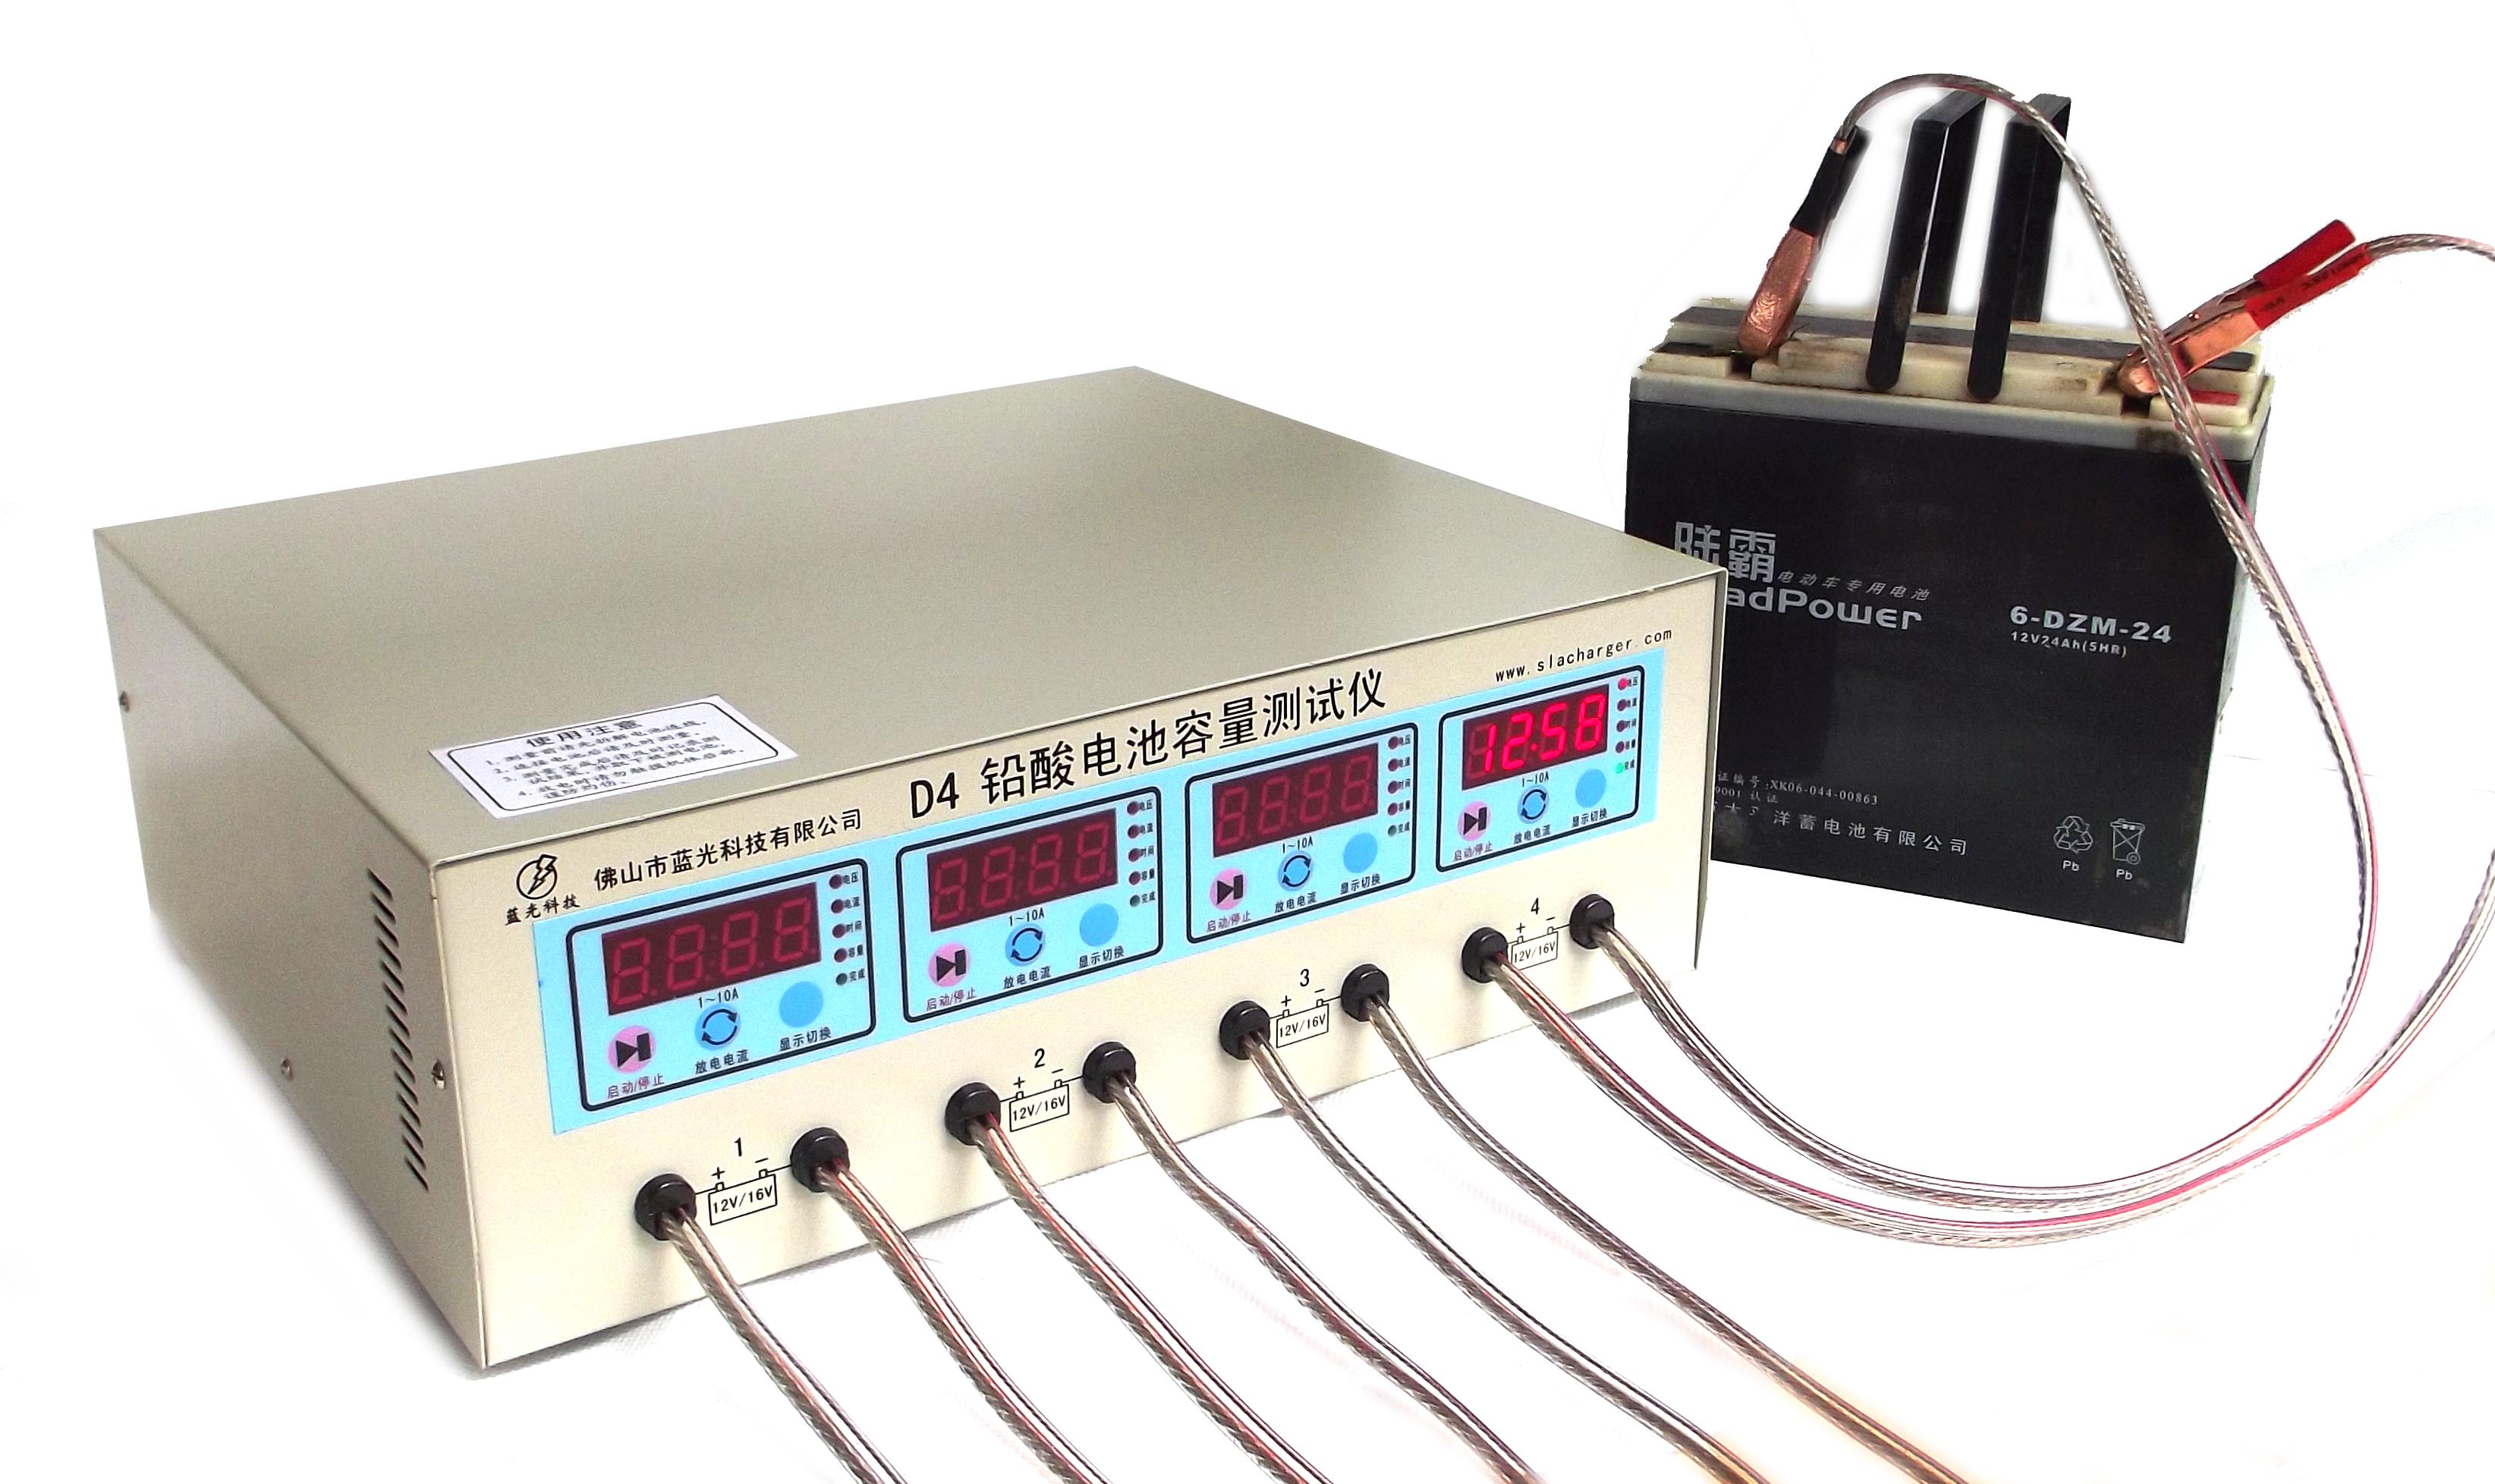 D4电池容量测试仪,是一款具有独立的四路恒流放电单元的铅酸电池容量测试仪器。该机采用国际知名品牌MCU为控制核心,具有高精度、高可靠及使用方便等特点,是电动车电池质量判定及配组必不可少的专业工具。 产品主要用途: 1、铅酸蓄电池的容量测试。 2、串联使用的铅酸蓄电池配组。 3、适用电池:4~200Ah 12V/16V铅酸电池。 产品特点: 1.